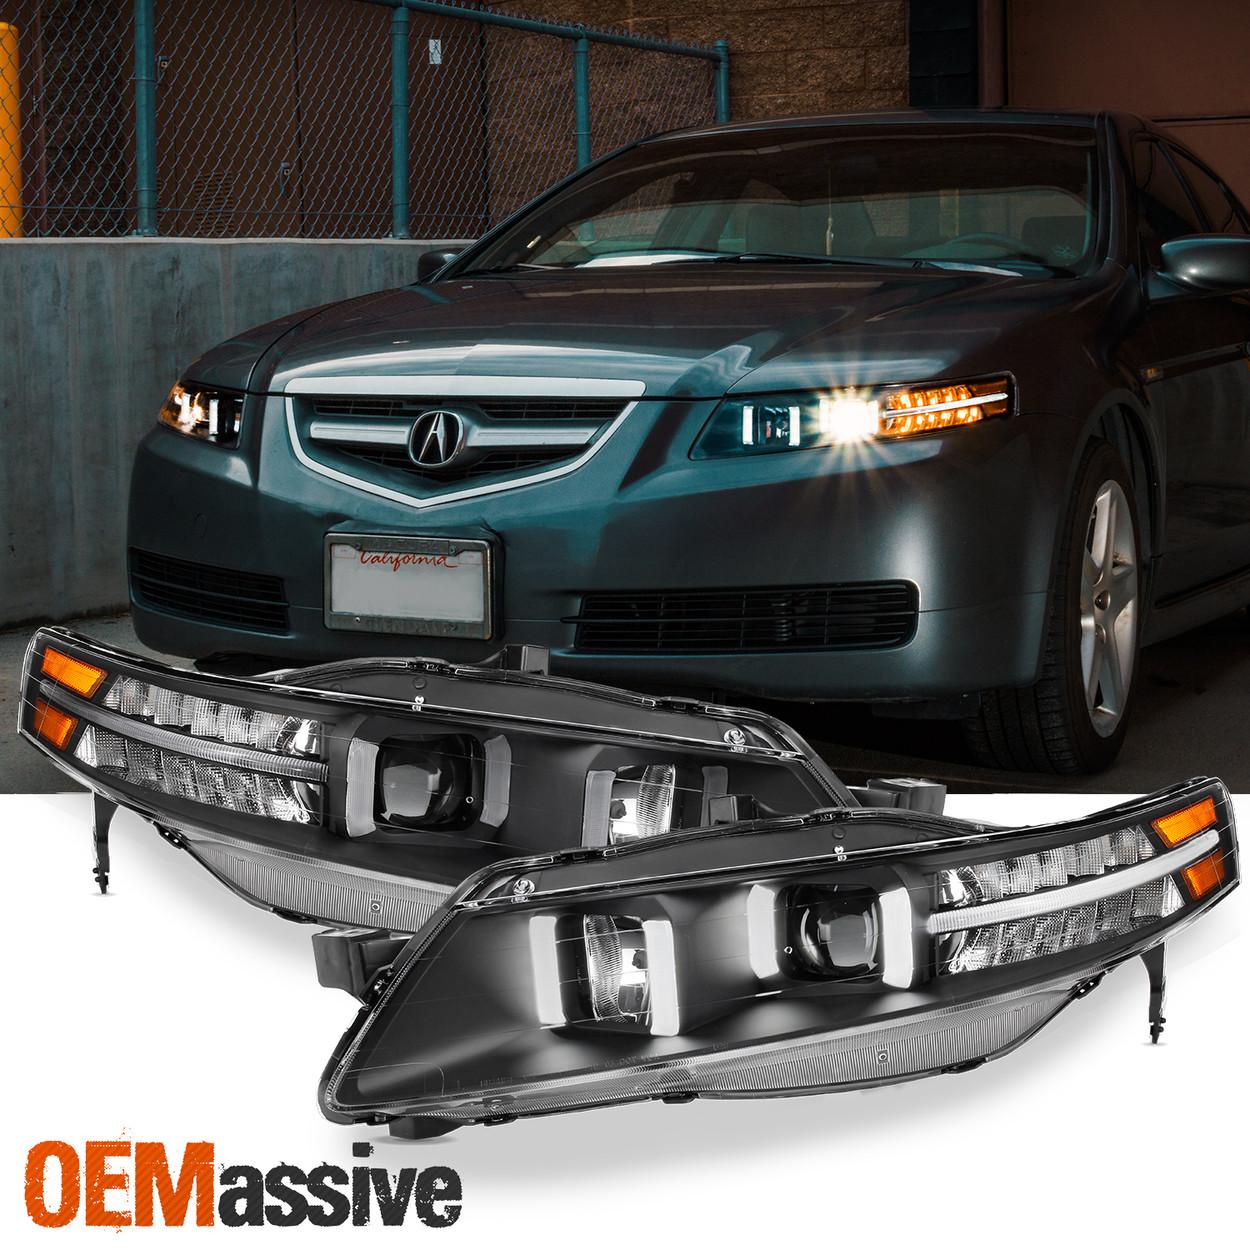 Black Fits 2004 2008 Ua7 Acura Tl Led Projector Headlights Headlamps Oemassive